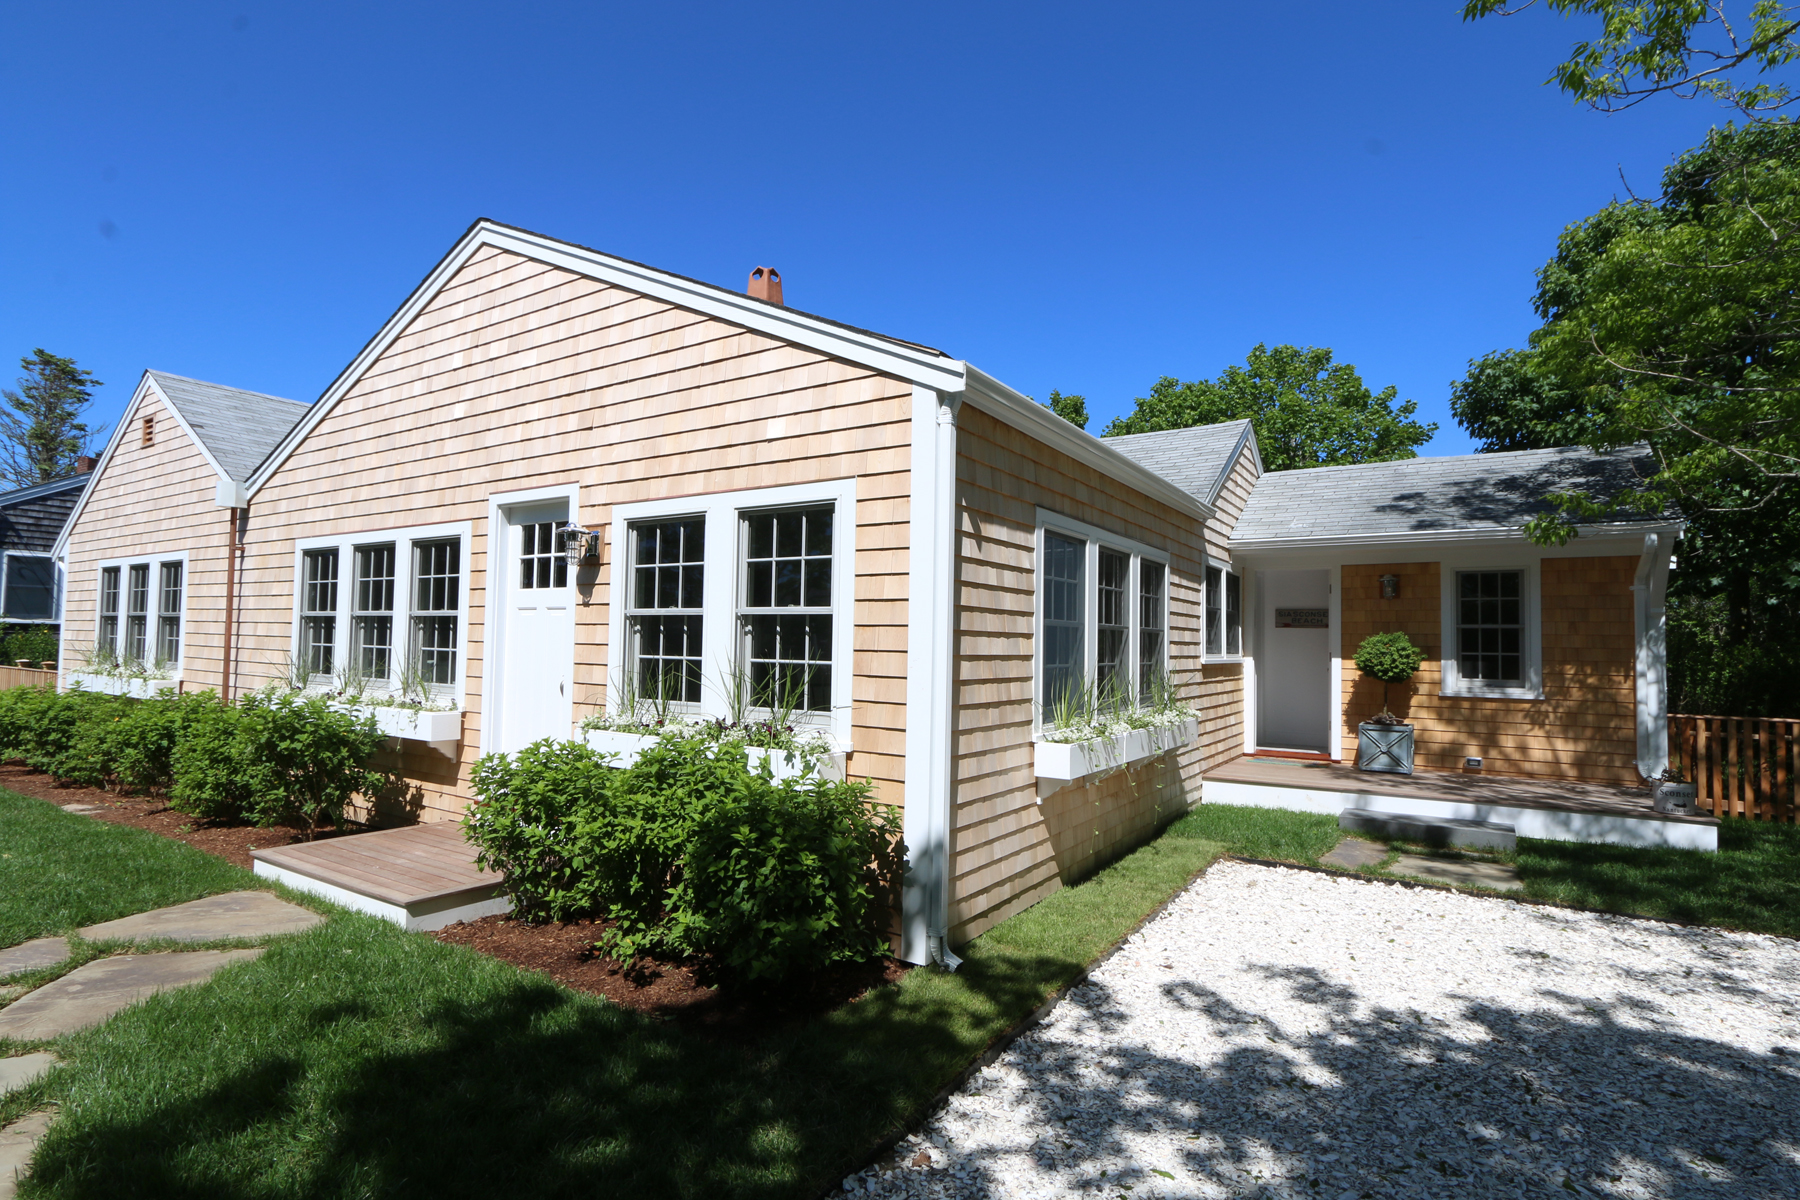 Single Family Homes pour l Vente à Comfortable & Stylish in Sconset 3 Sconset Avenue Siasconset, Massachusetts 02564 États-Unis